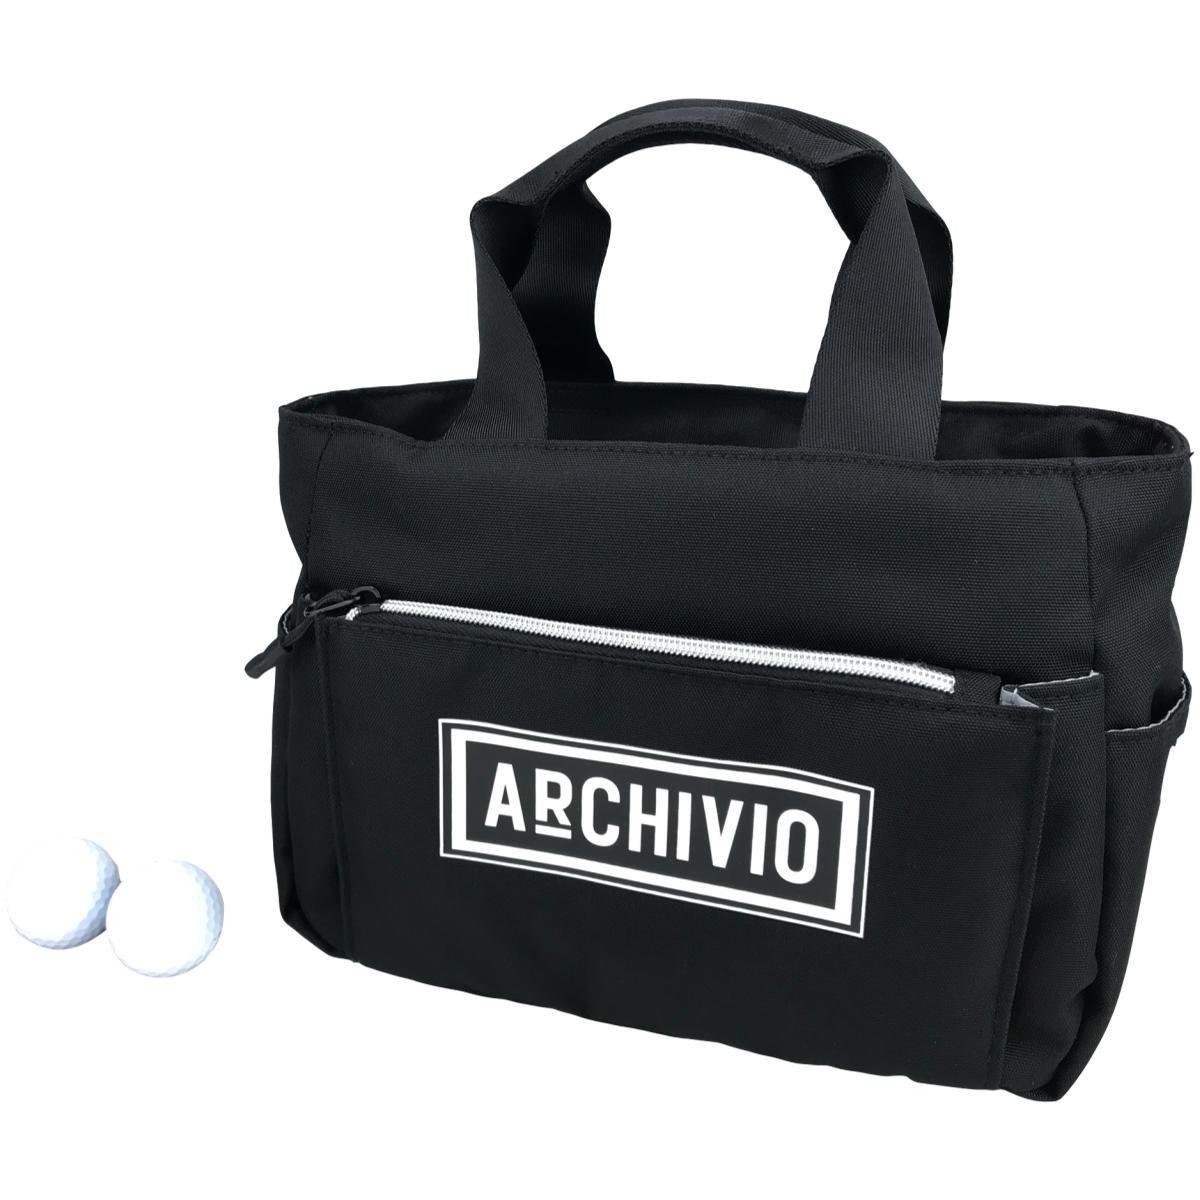 アルチビオ(archivio) カートバッグ